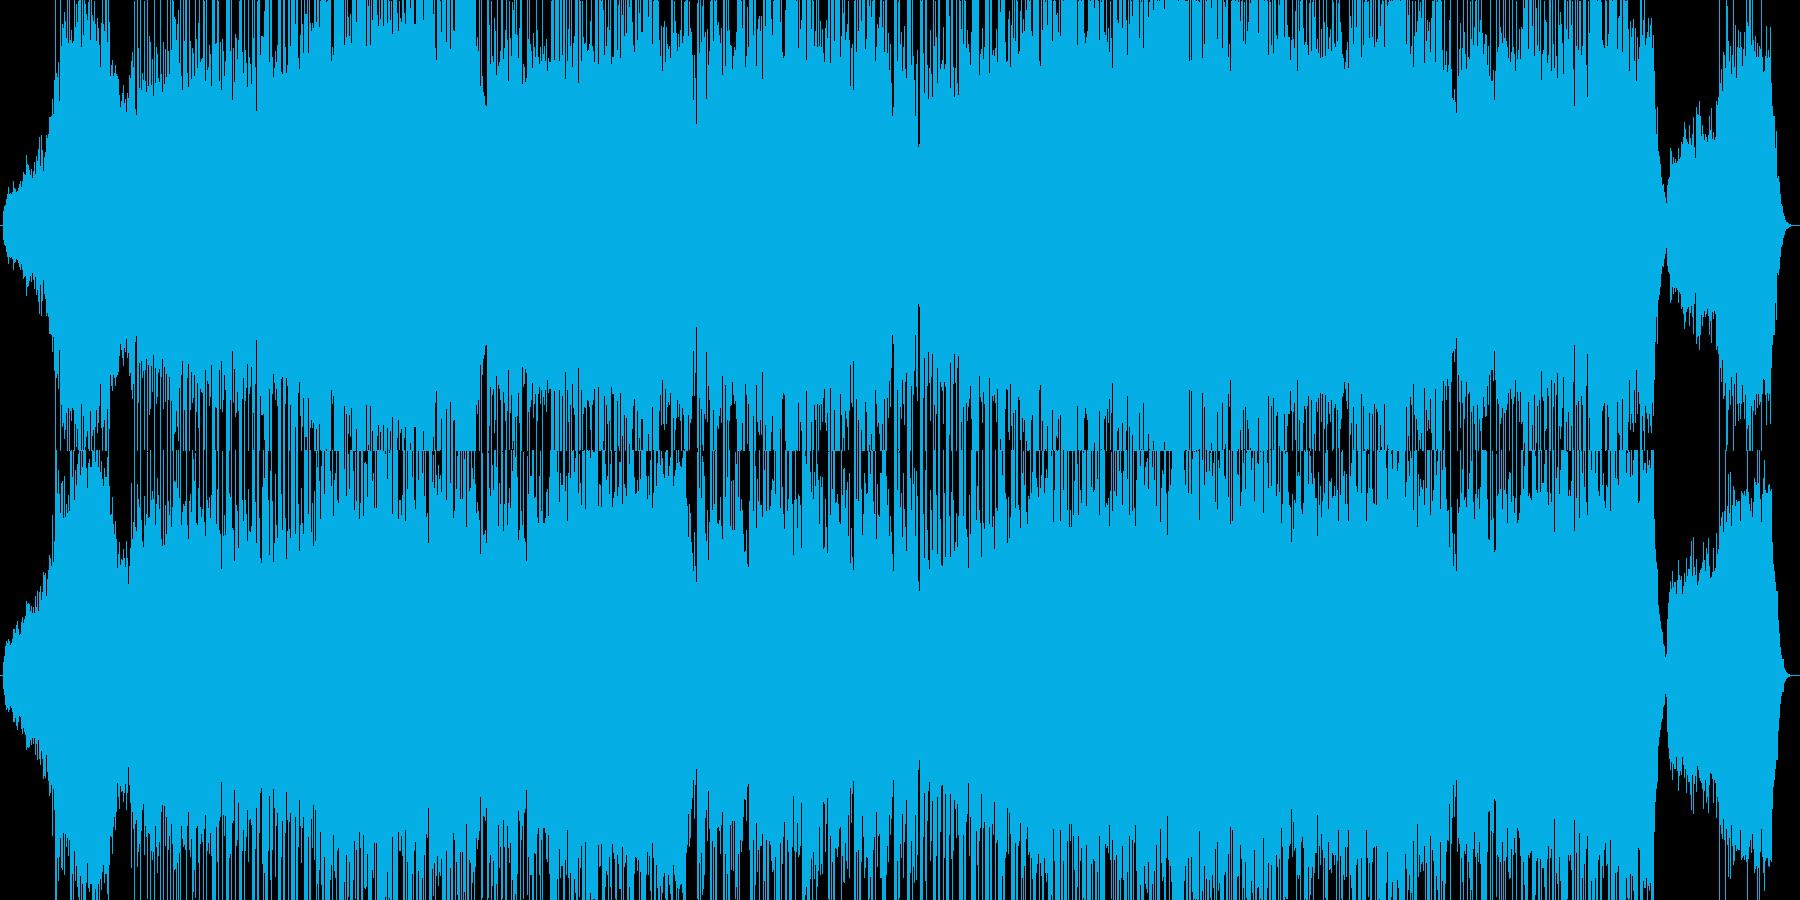 幻想的・ボス戦系の壮大な雰囲気のBGMの再生済みの波形